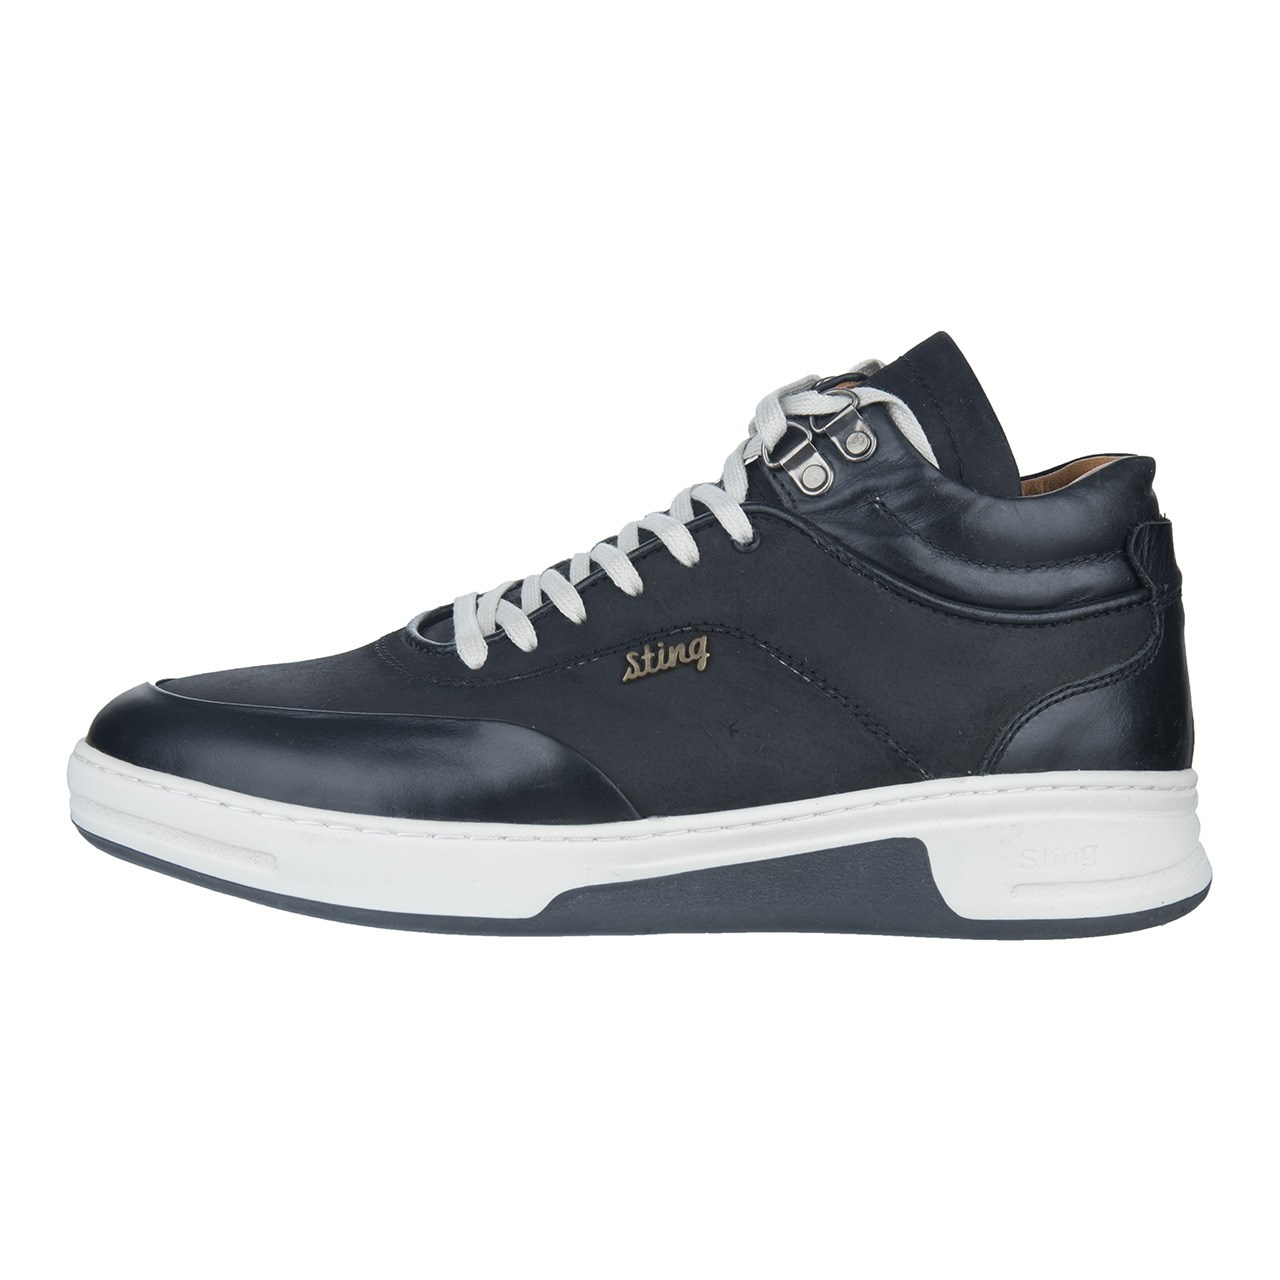 کفش مردانه چرم طبیعی استینگ مدل S2 مشکی